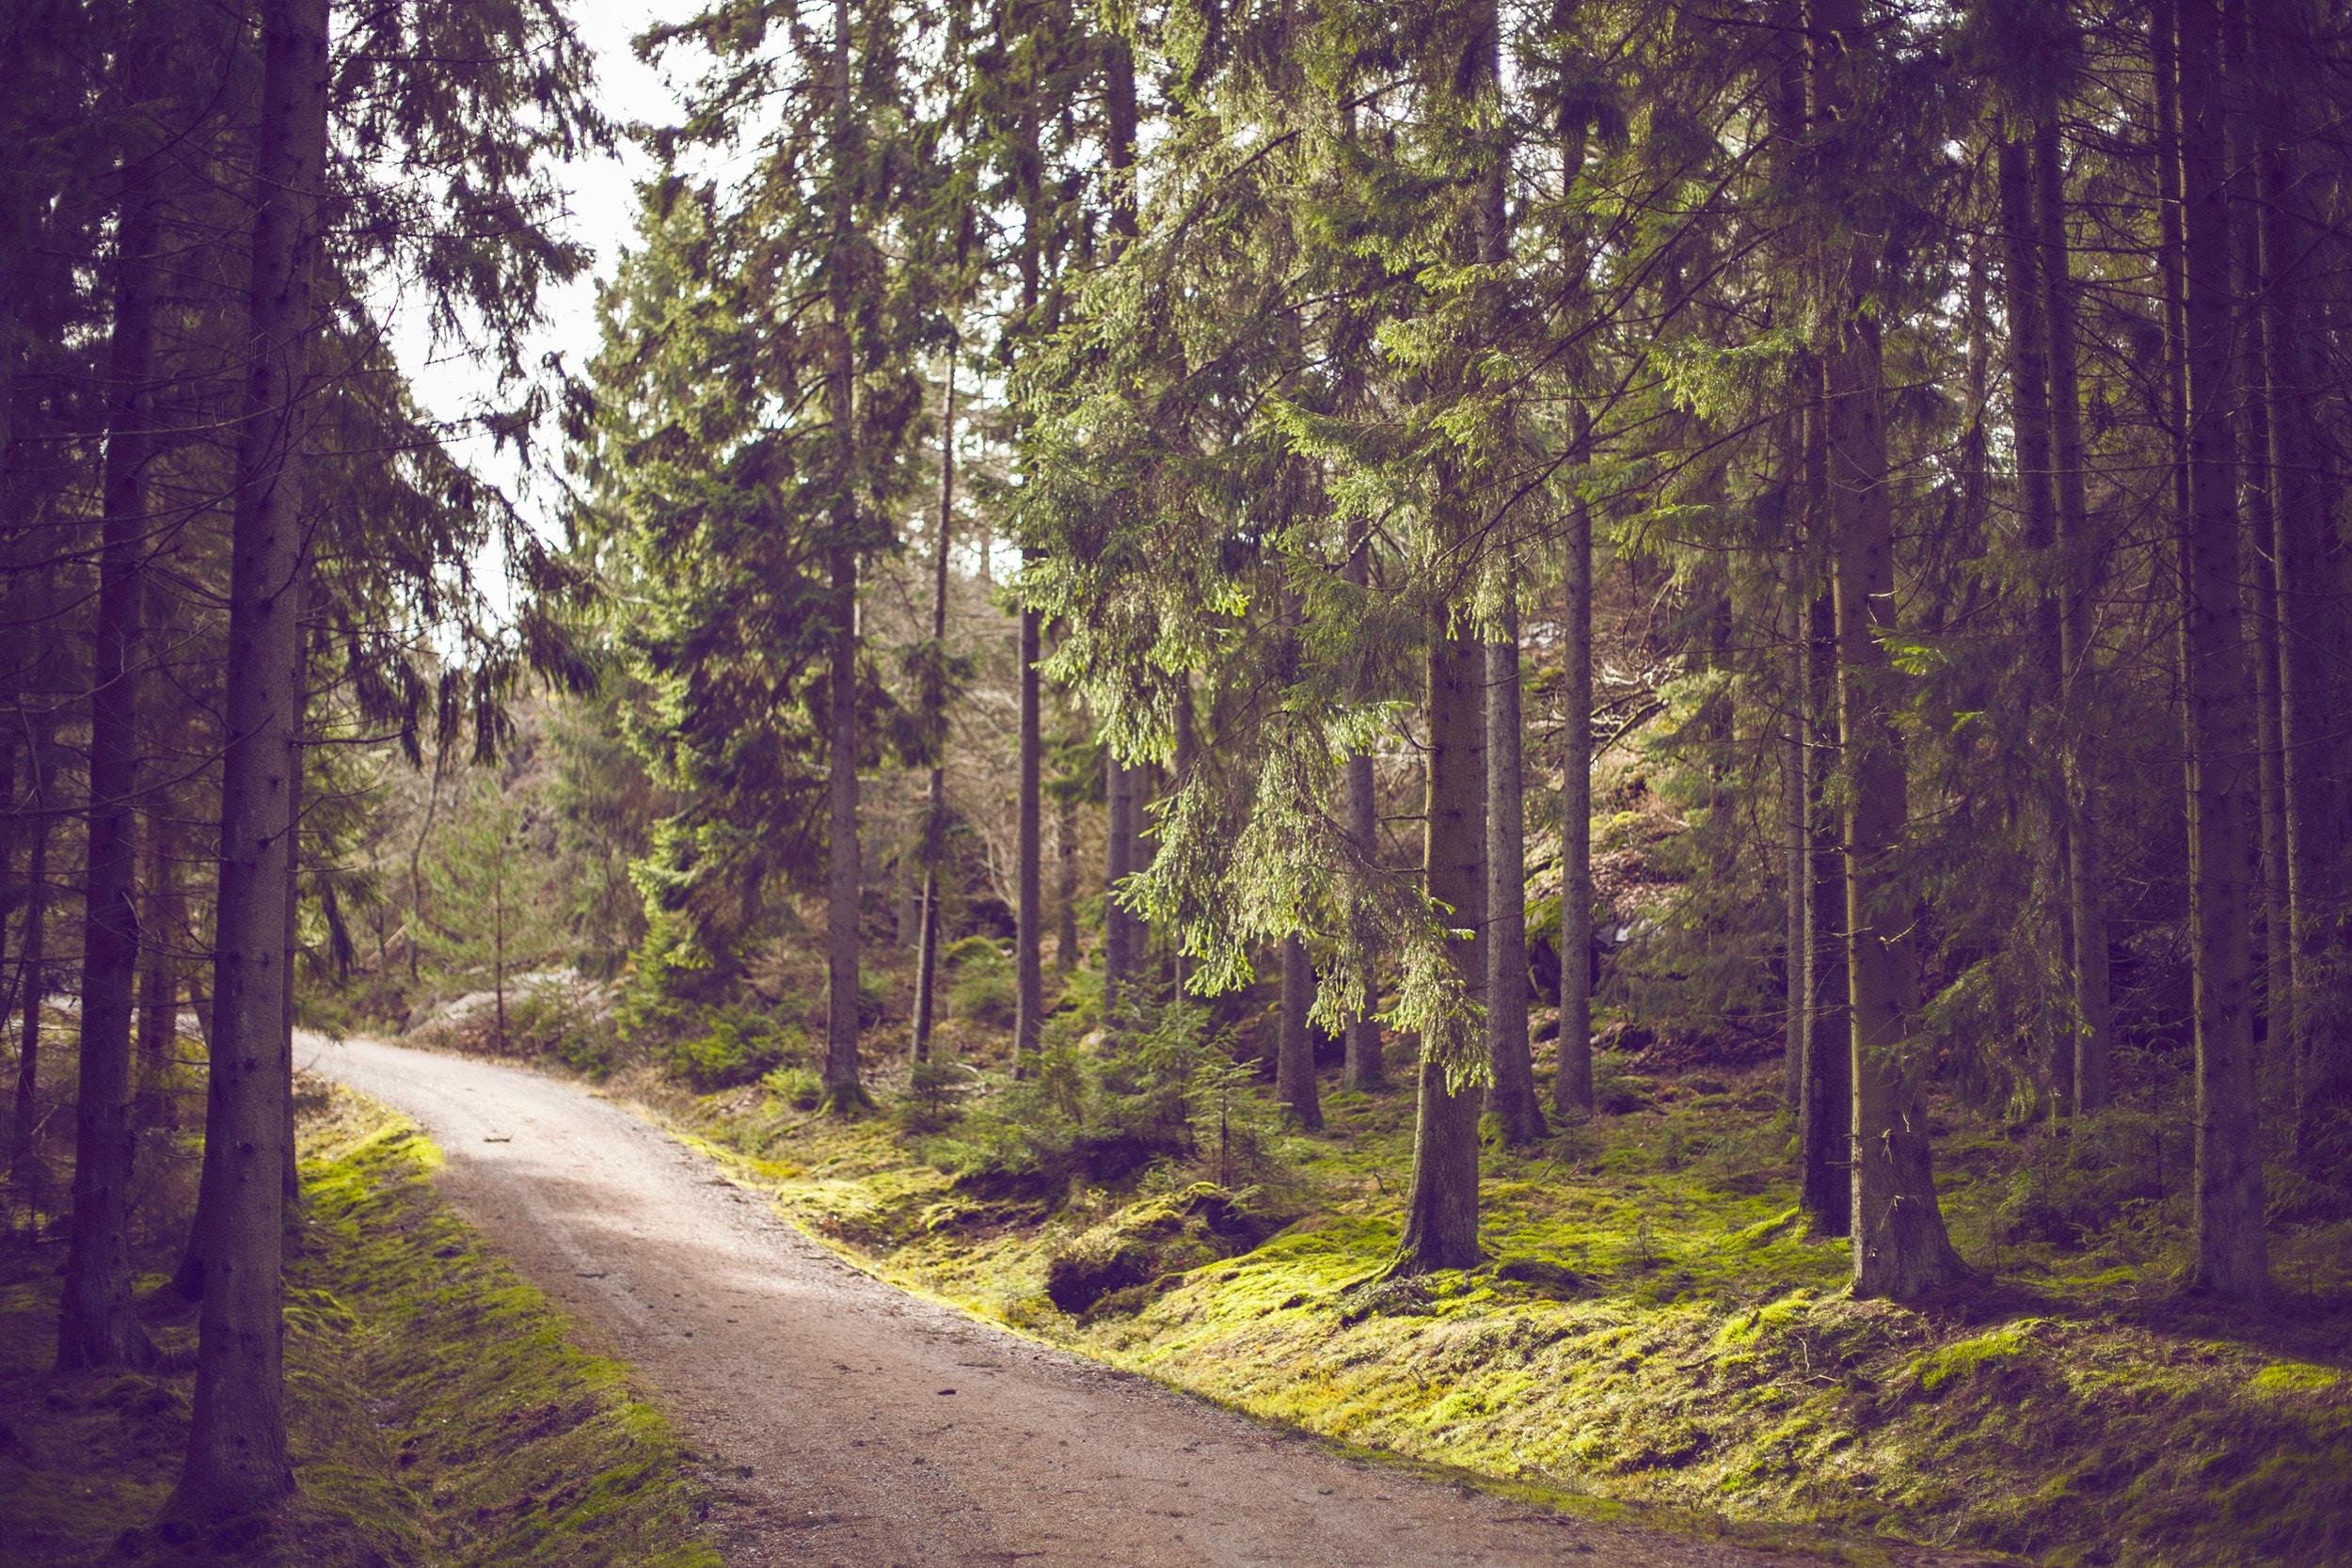 Camino del arbolado